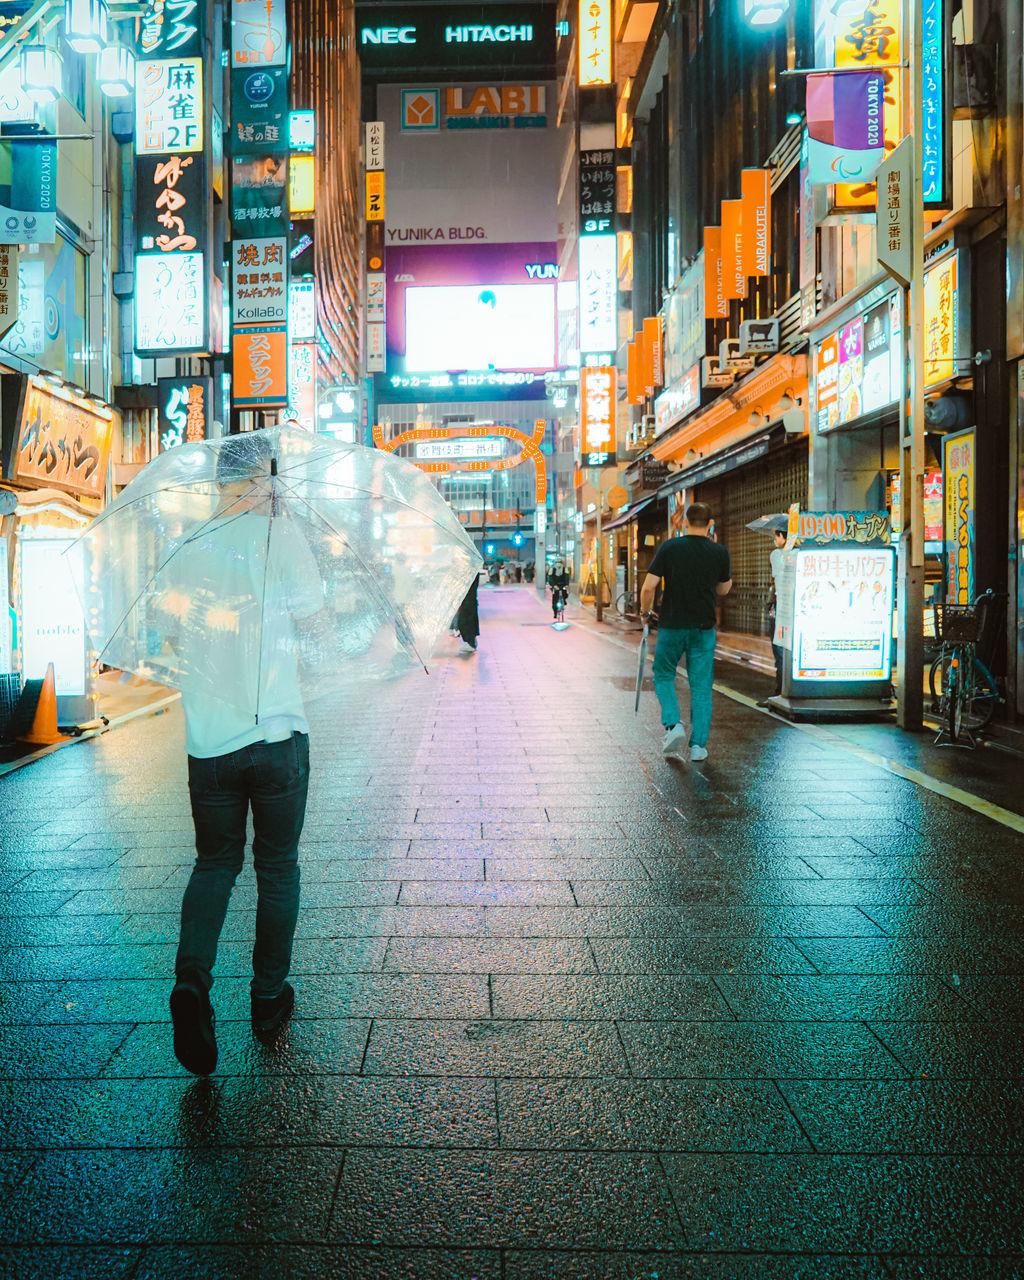 PEOPLE WALKING ON ILLUMINATED STREET